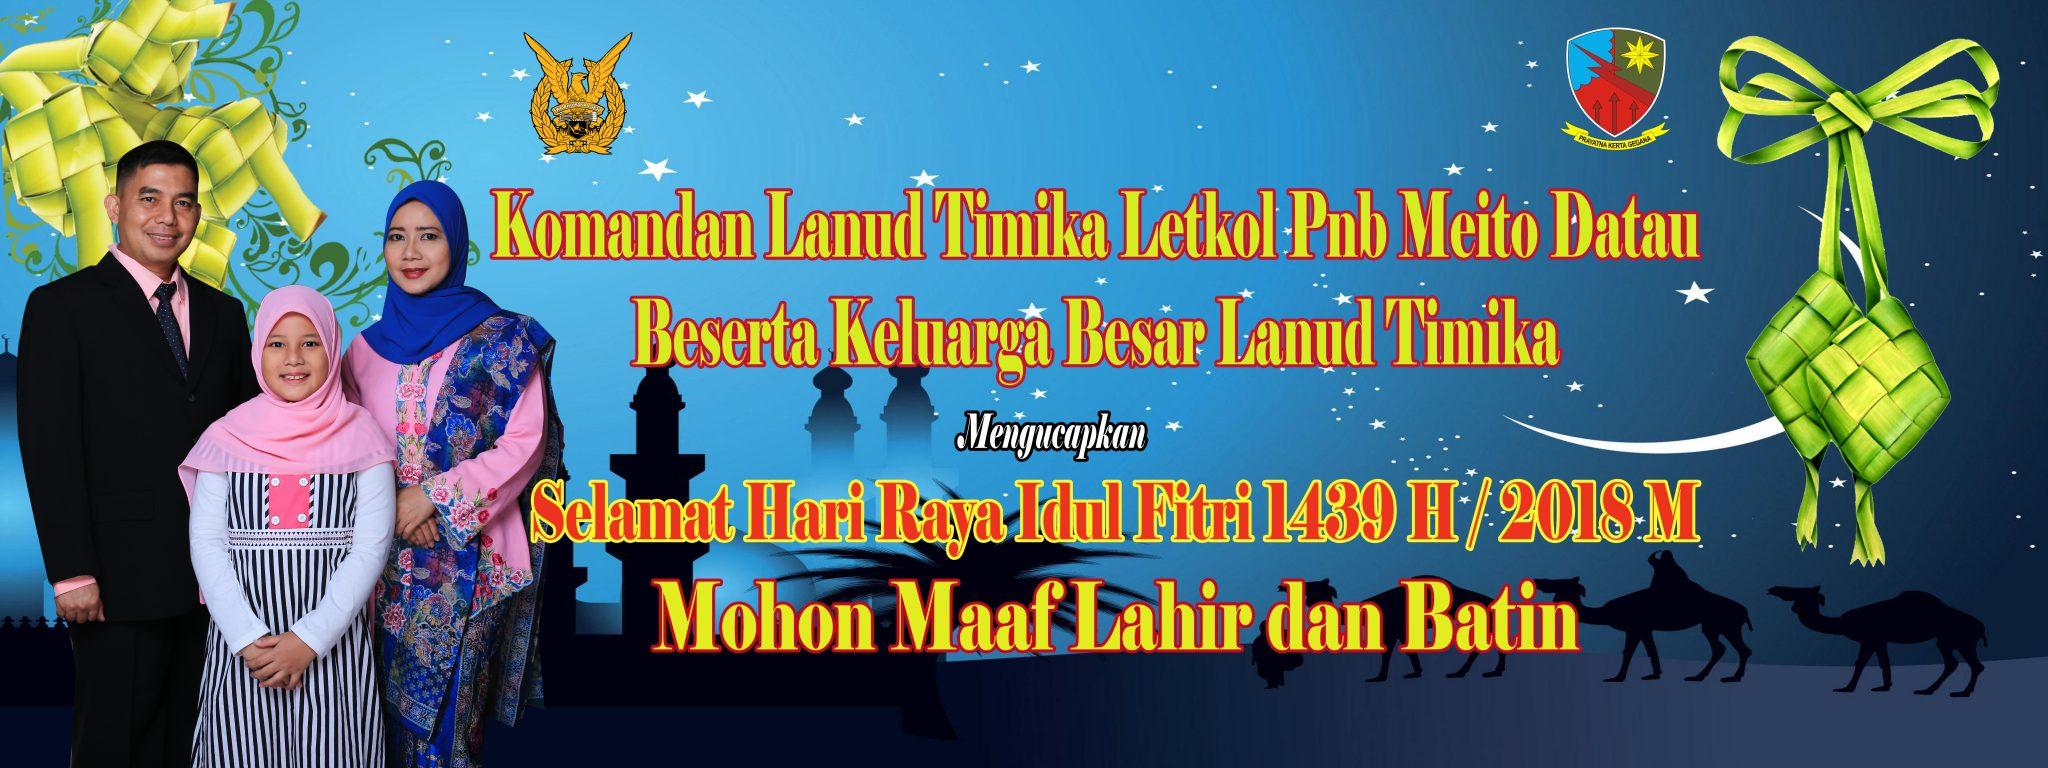 Komandan Lanud Timika Letkol Pnb Meito Datau mengucapkan selamat Idul Fitri